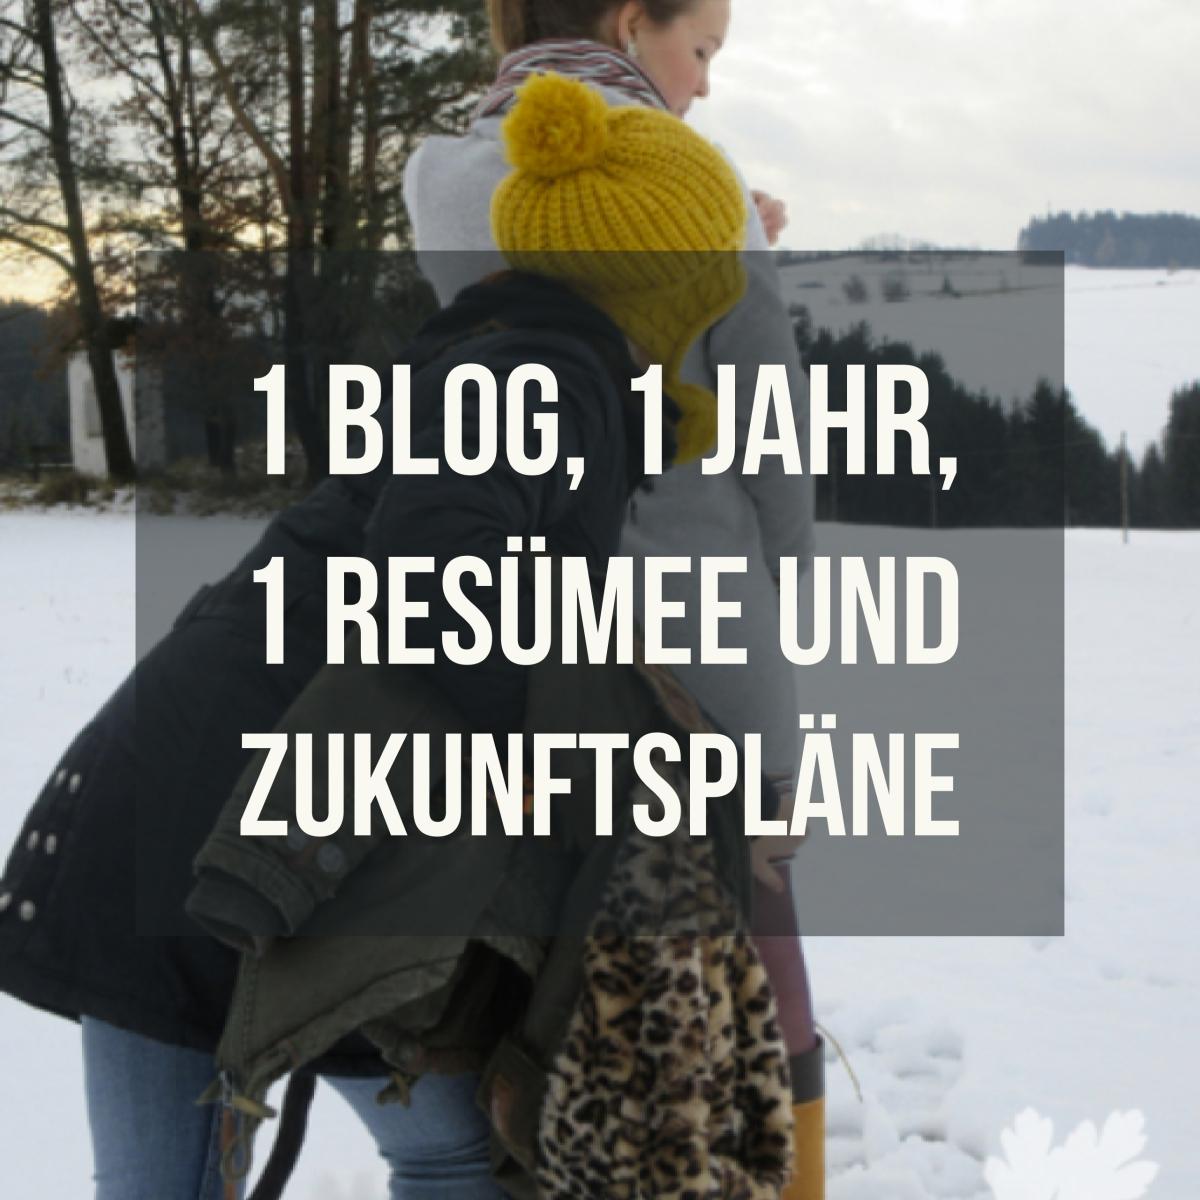 1 Blog, 1 Jahr, 1 Resümee und Zukunftspläne